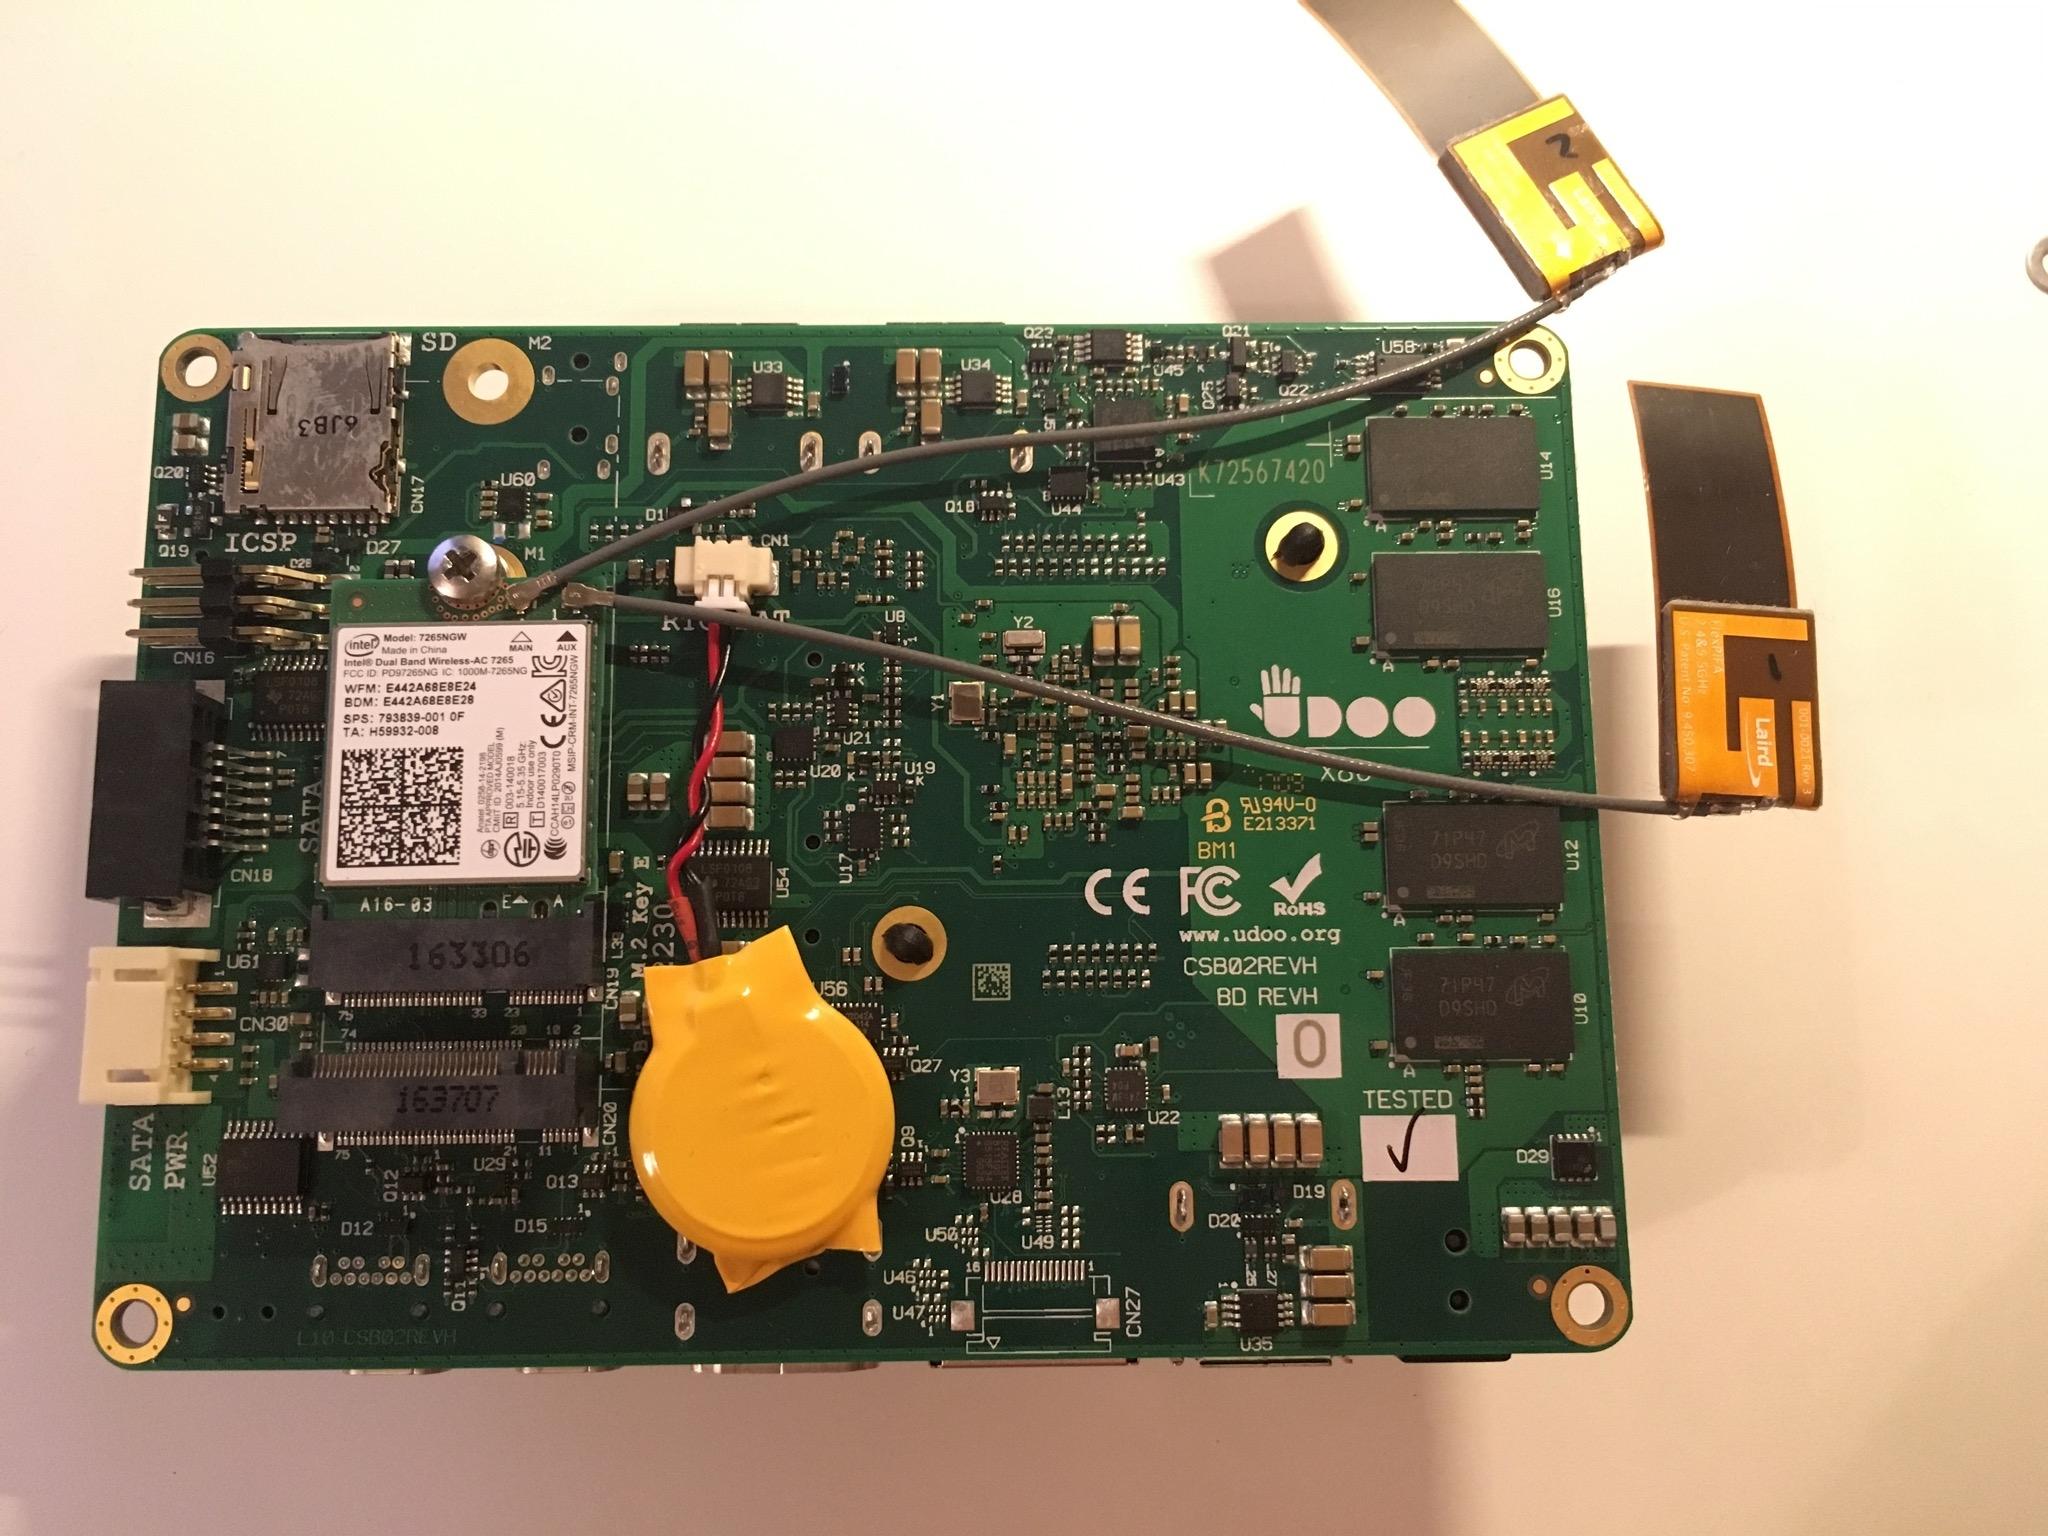 Sprzedam] UDOO x86 Advanced Plus - elektroda pl